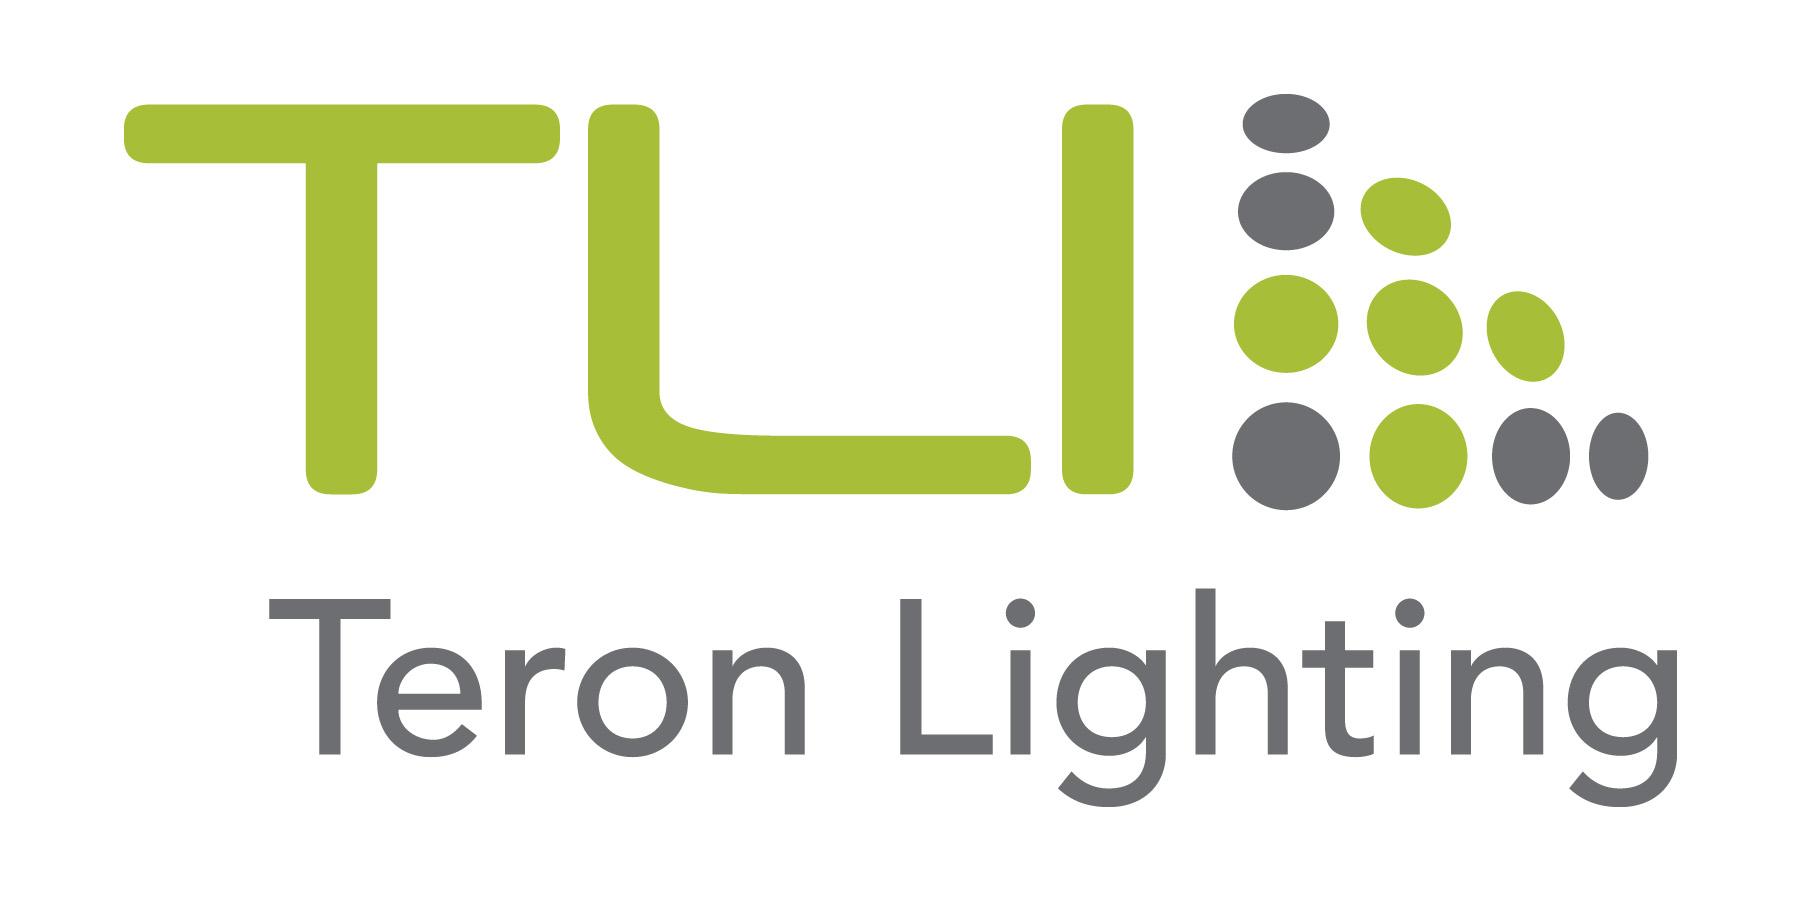 Teron Lighting Sk Ociates